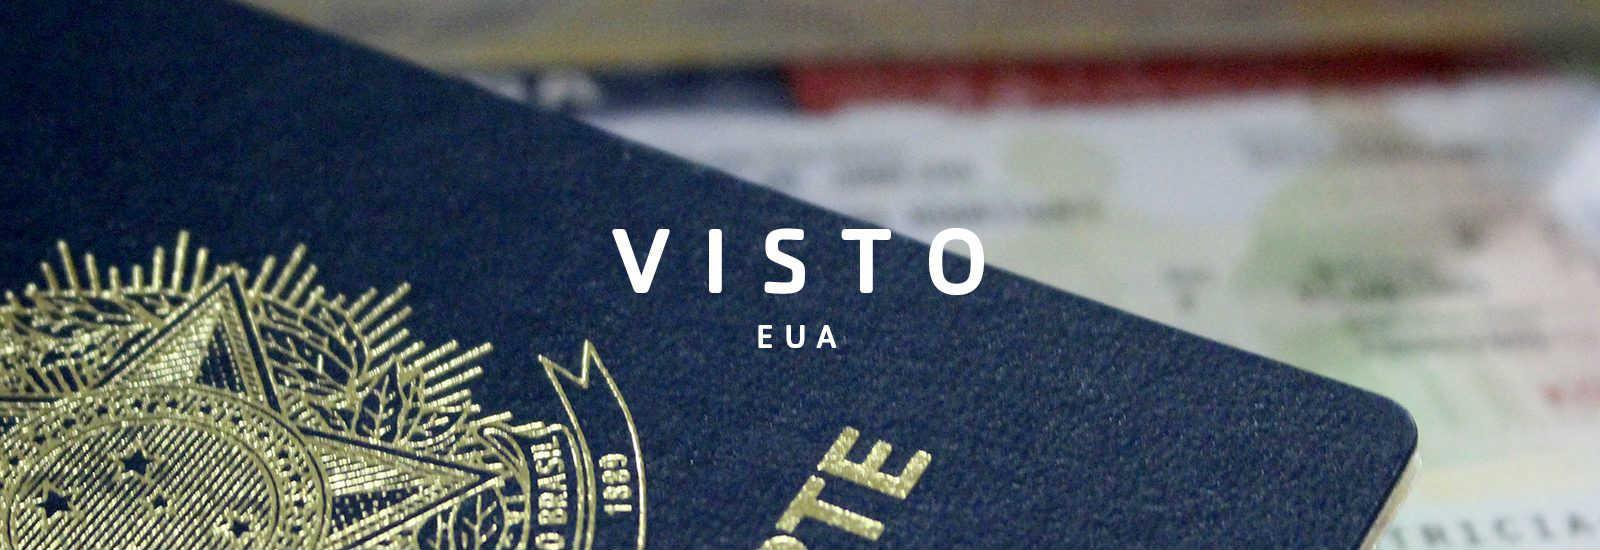 banner intercambio viagens internacional USA assessoria vistos embaixada exterior jovens Belo horizonte agencia ed - Seguro Viagem